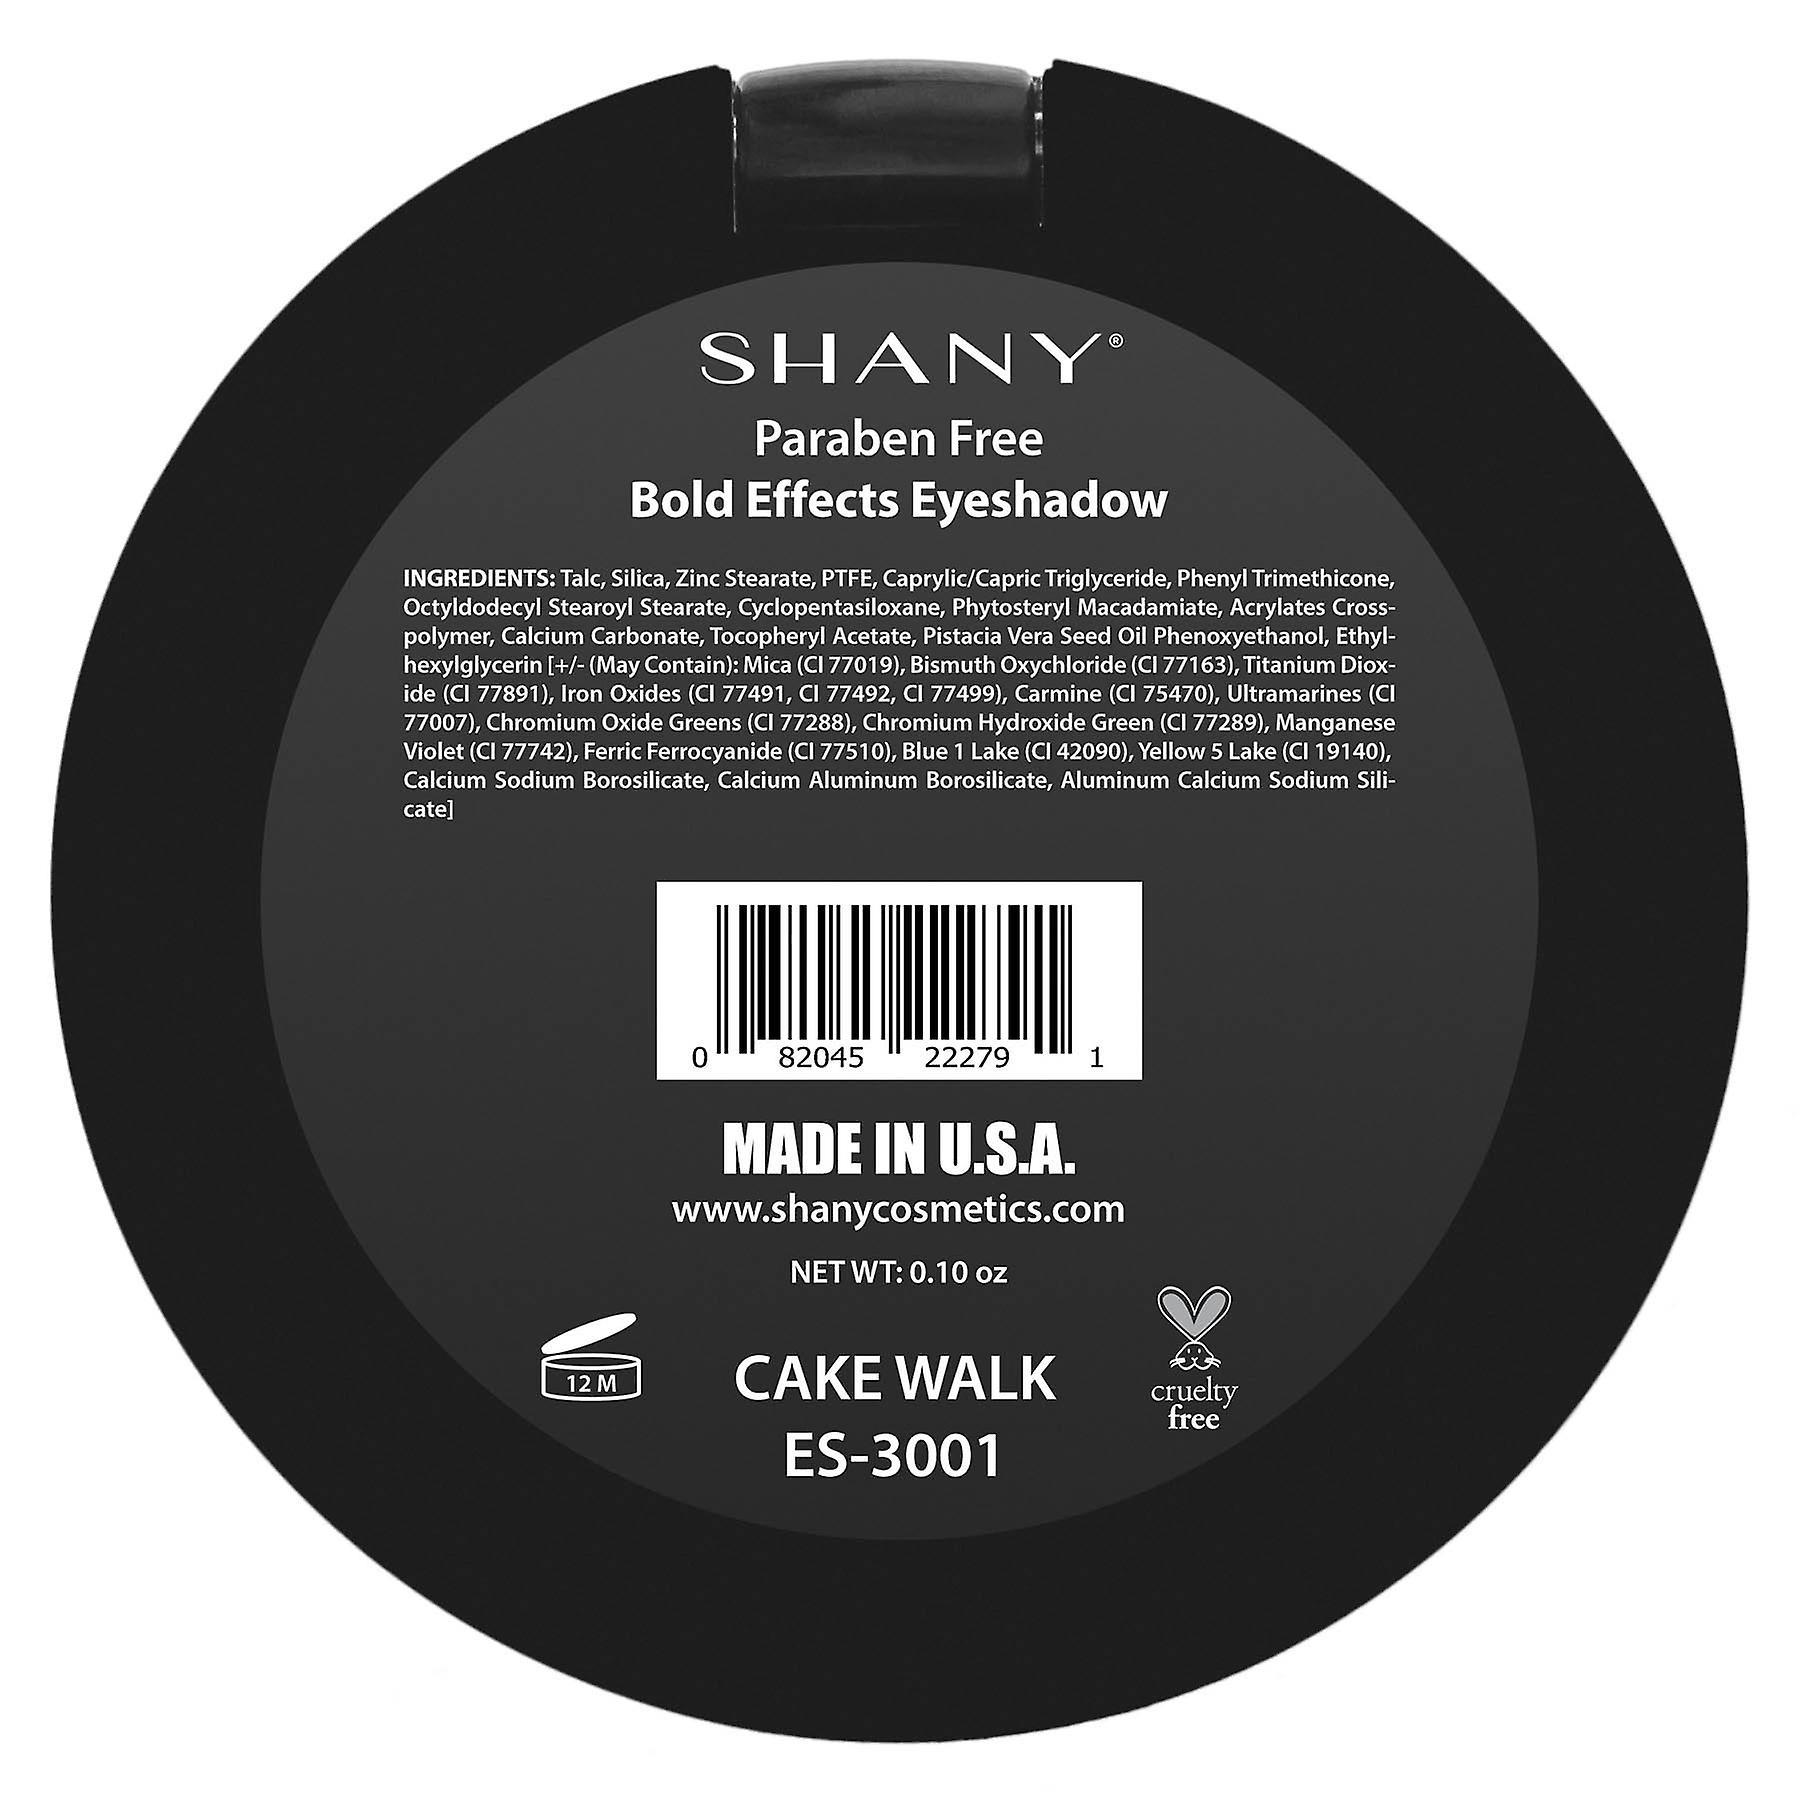 SHANY Matte Eyeshadow - Paraben Free - Fabriqué aux États-Unis